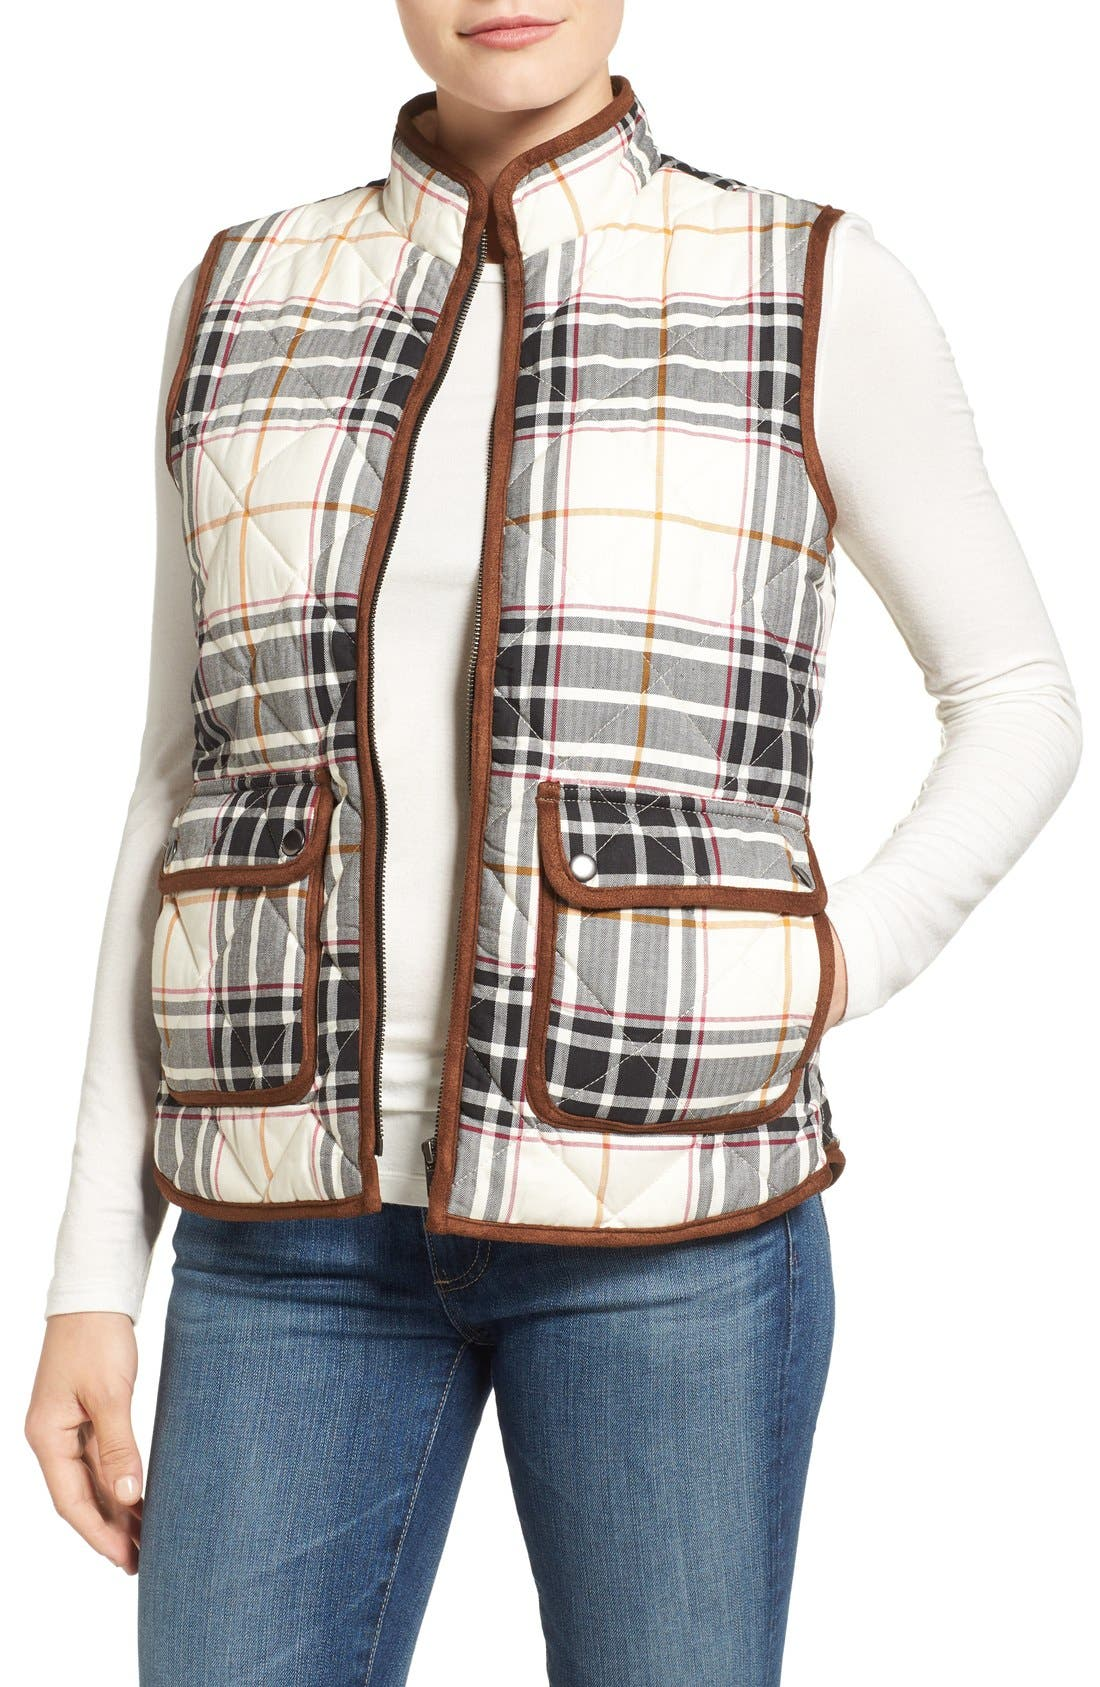 FOXCROFT Plaid Quilt Vest